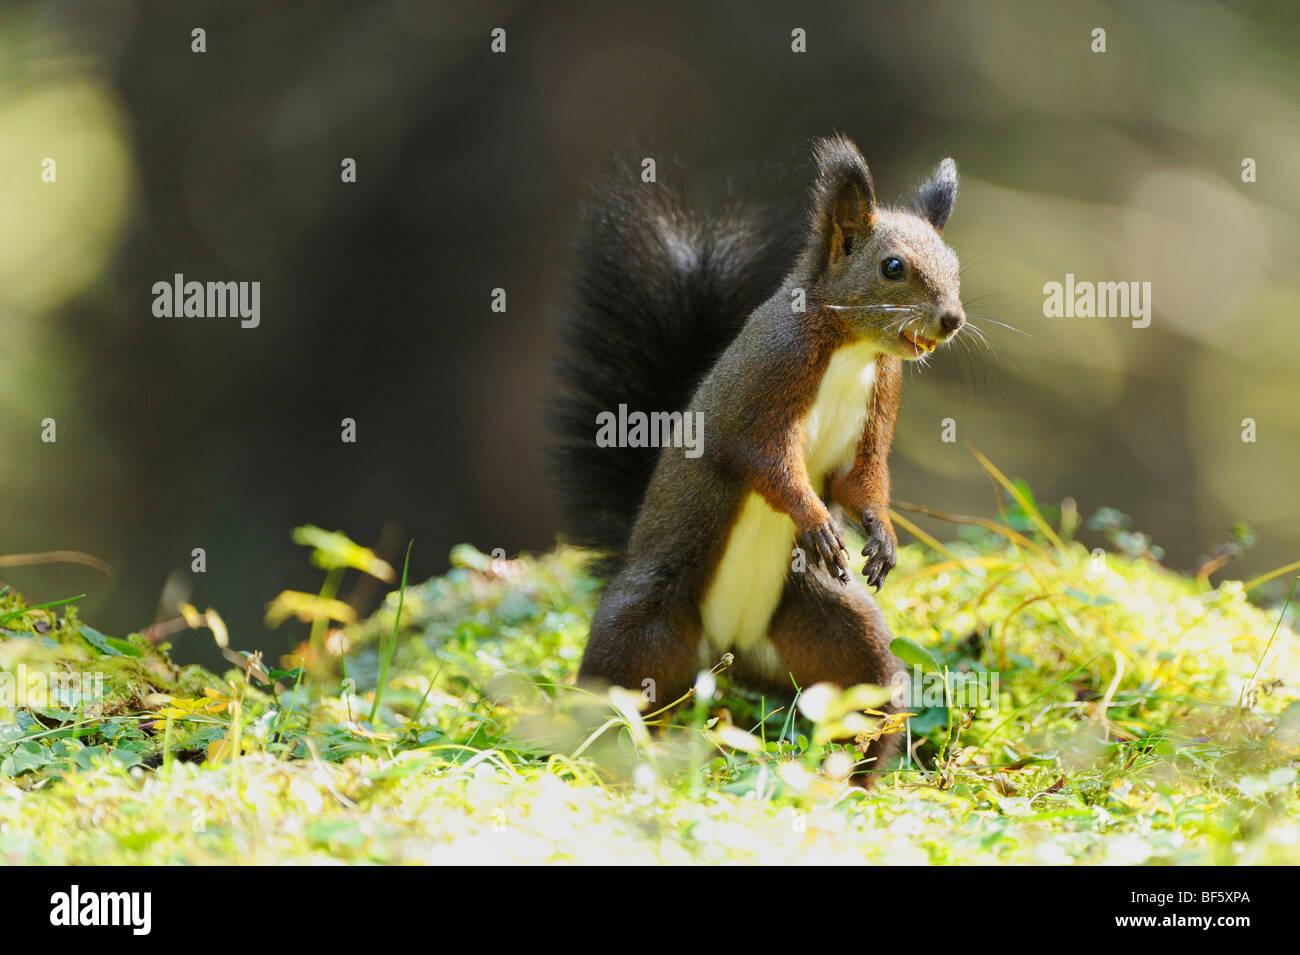 L'écureuil roux (Sciurus vulgaris), la phase noire adultes, Suisse, Europe Banque D'Images